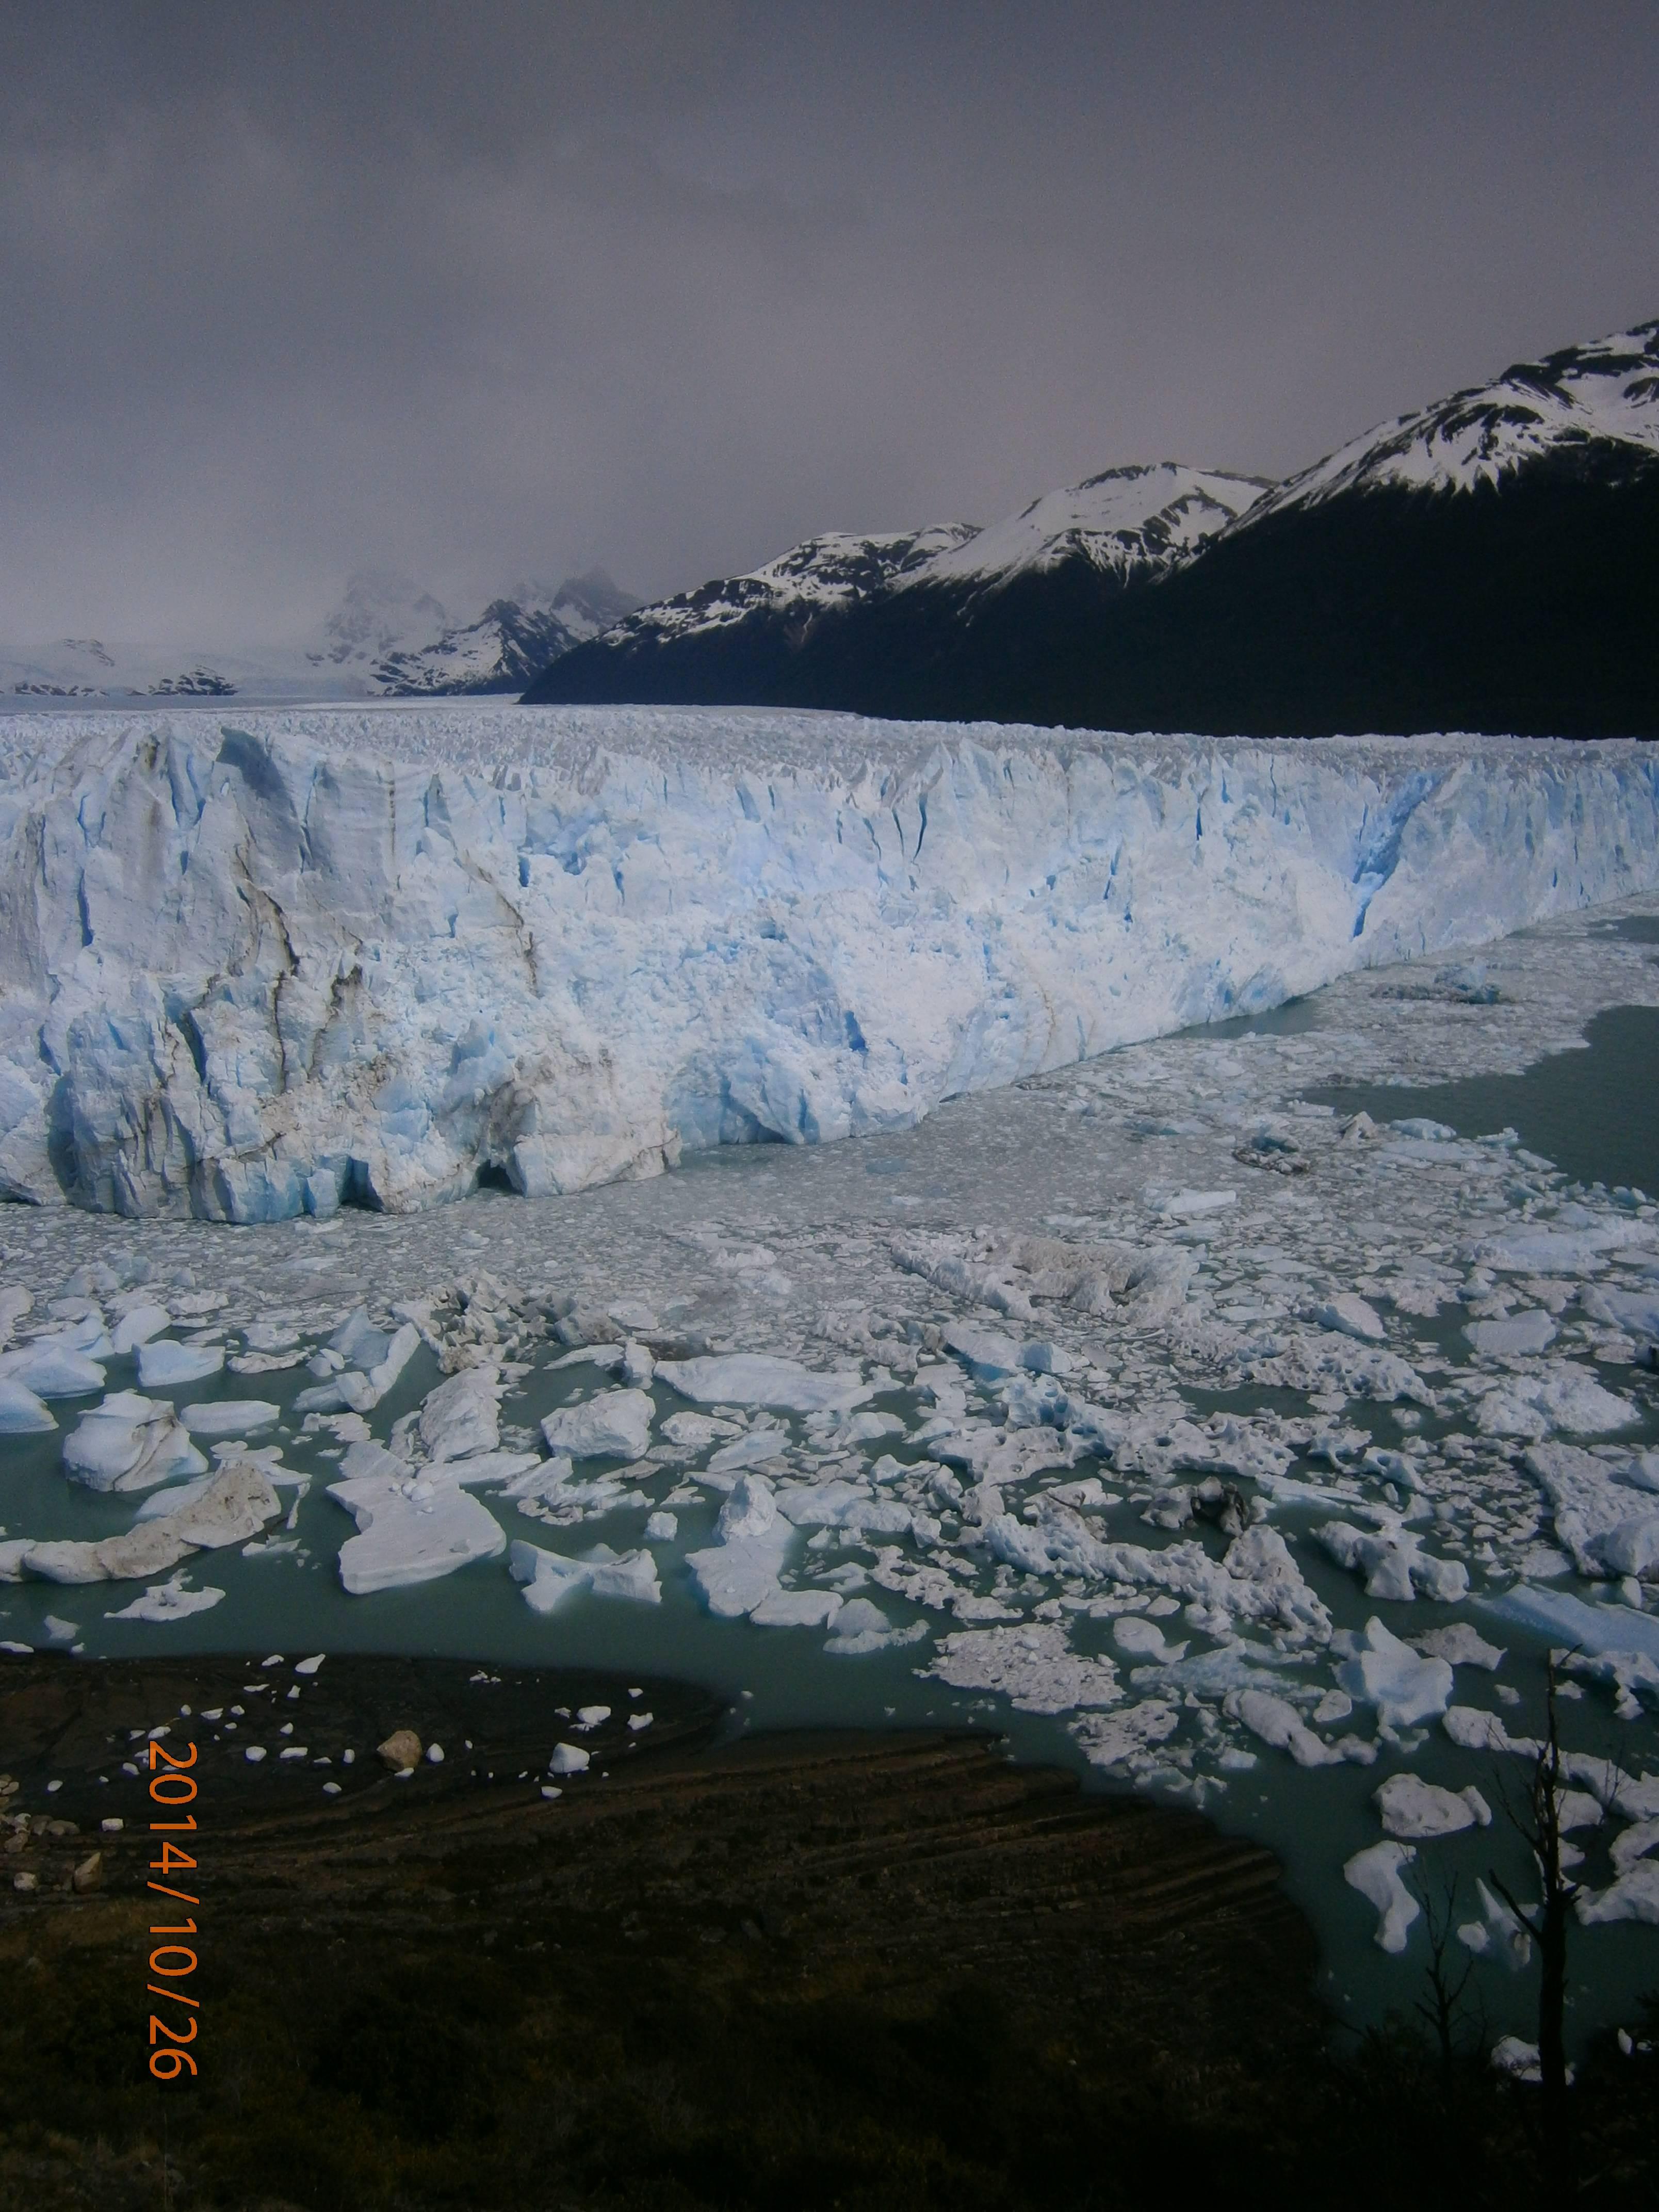 Photo 3: El calafate, glacier Perito Moreno, Sud de l'Argentine